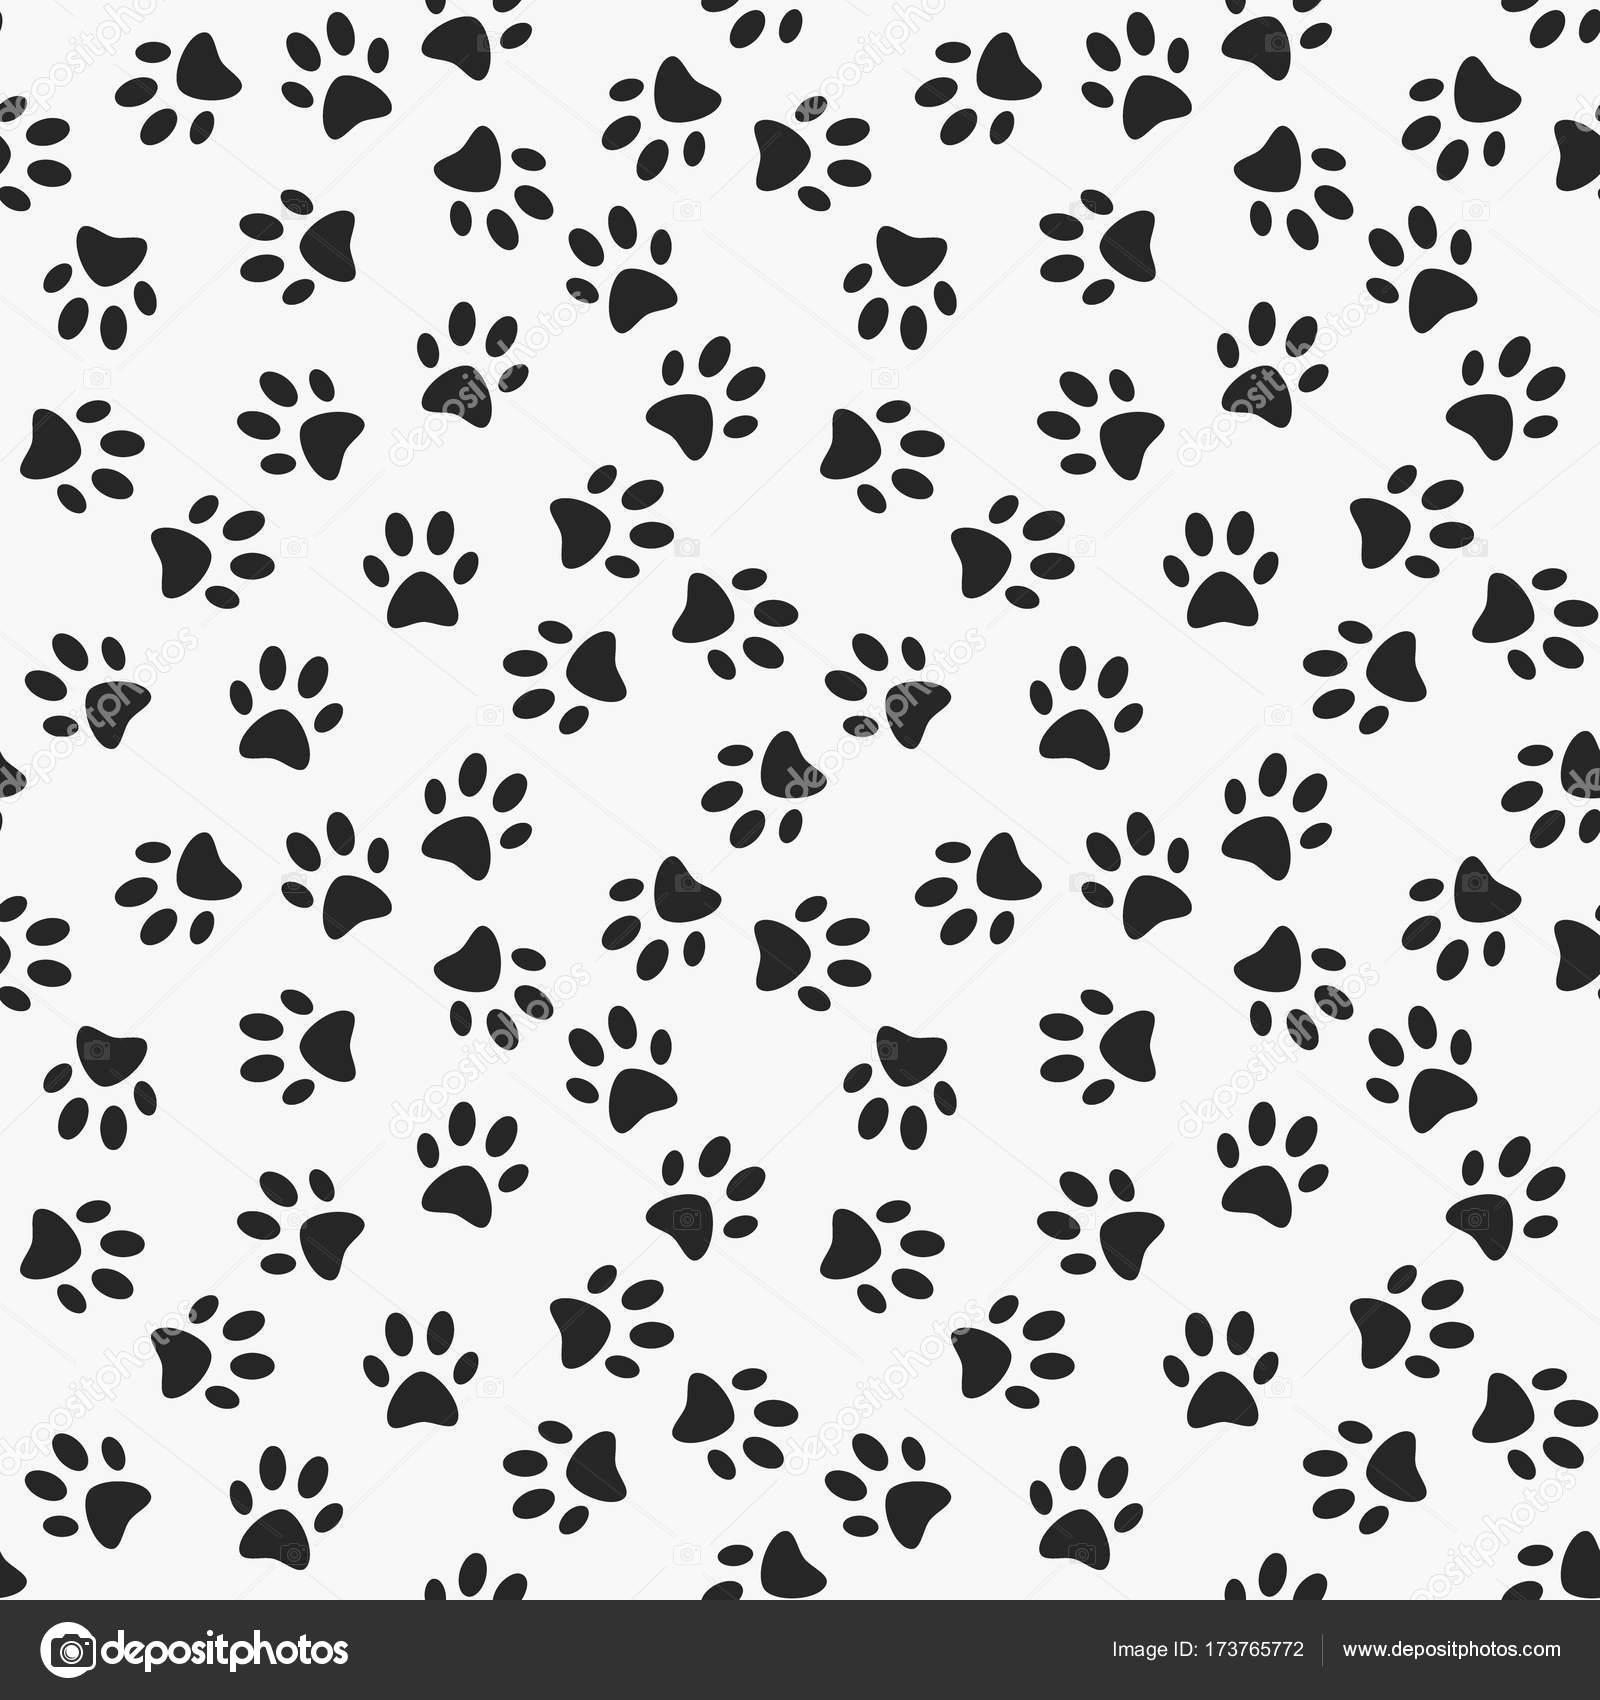 cachorro pata imprimir vetorial sem costura padrão vetores de